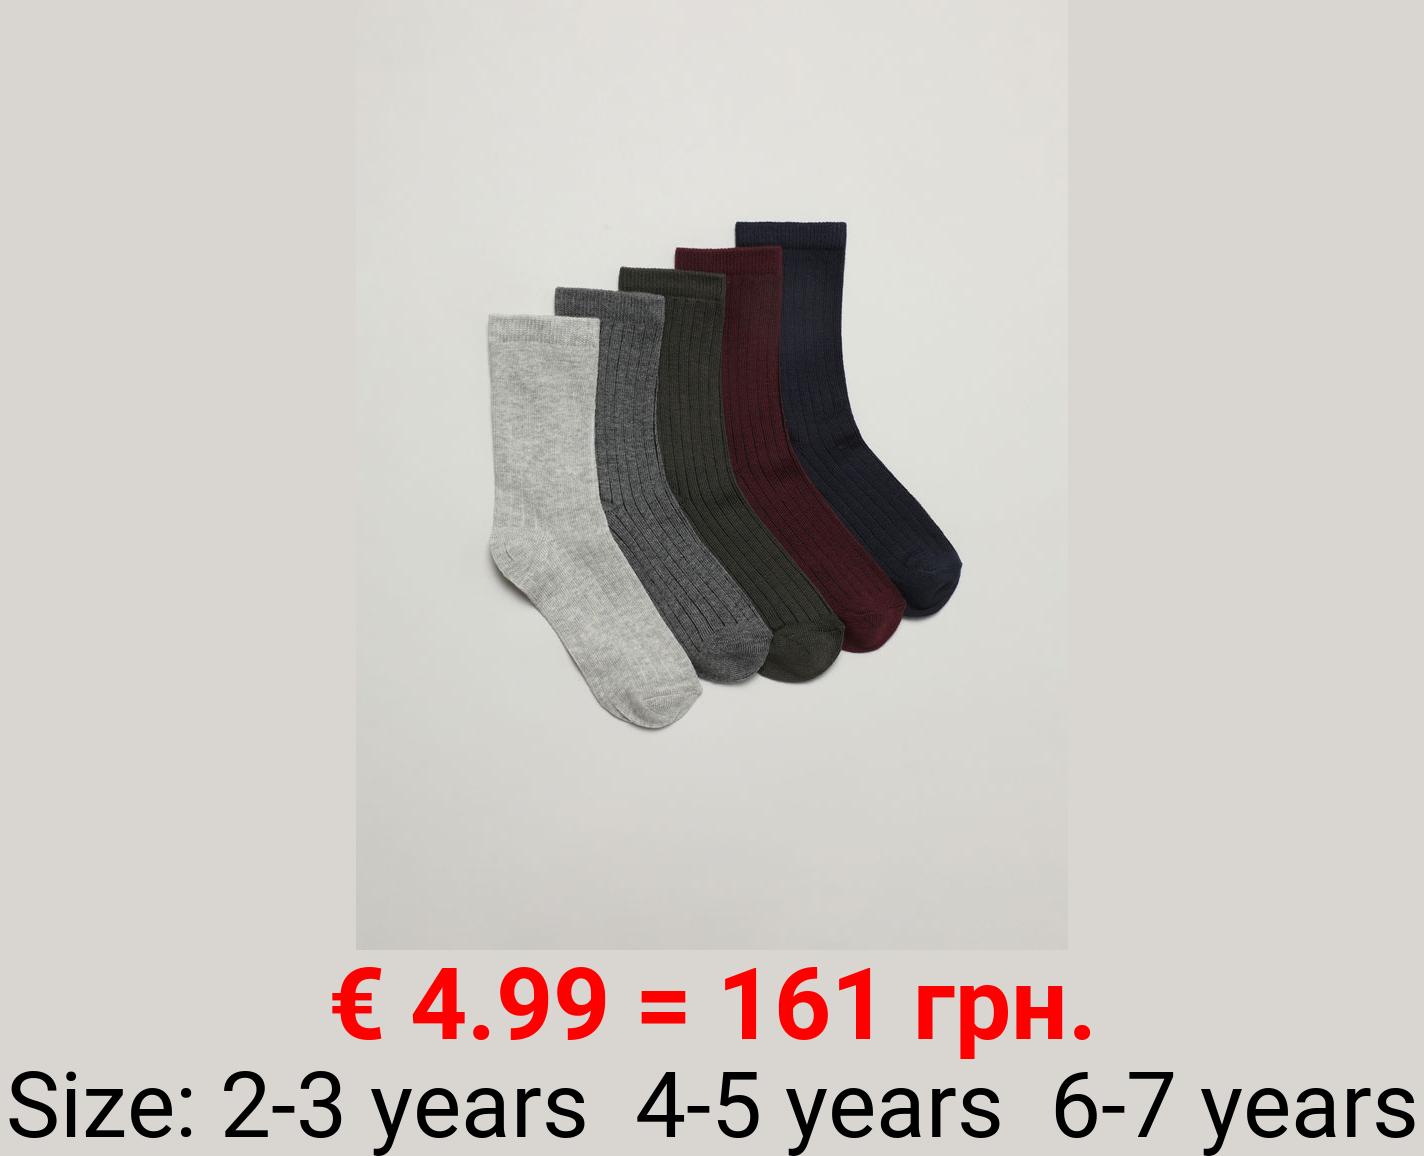 Pack of 5 pairs of basic long socks